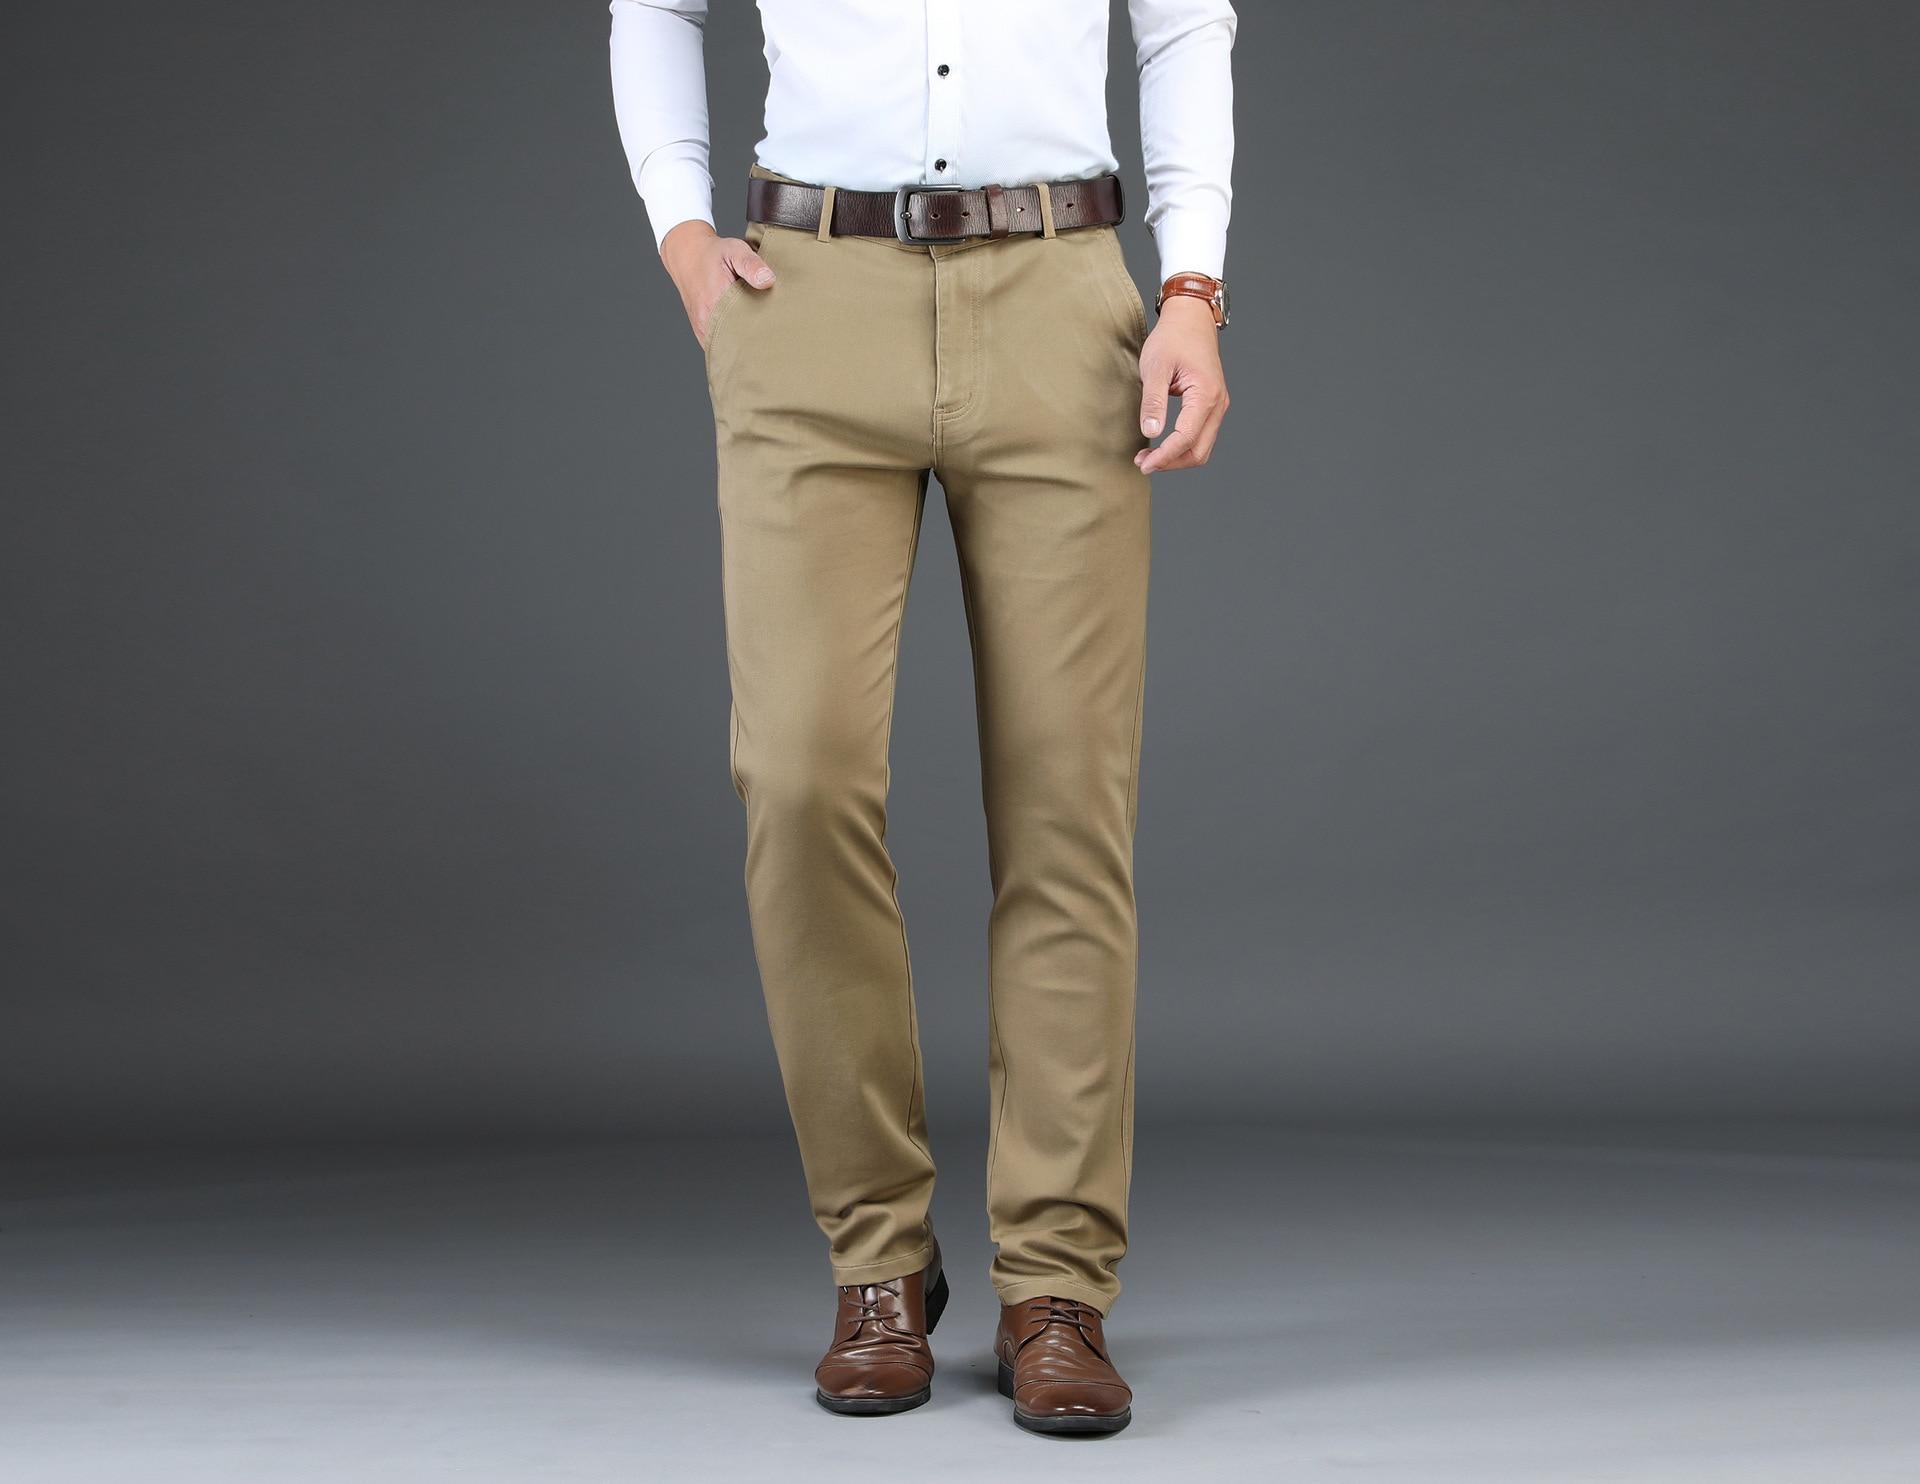 Casual Pants Men Solid Color Business Straight Slim Long Pants 1823 # Men's Autumn & Winter-Multi-color-